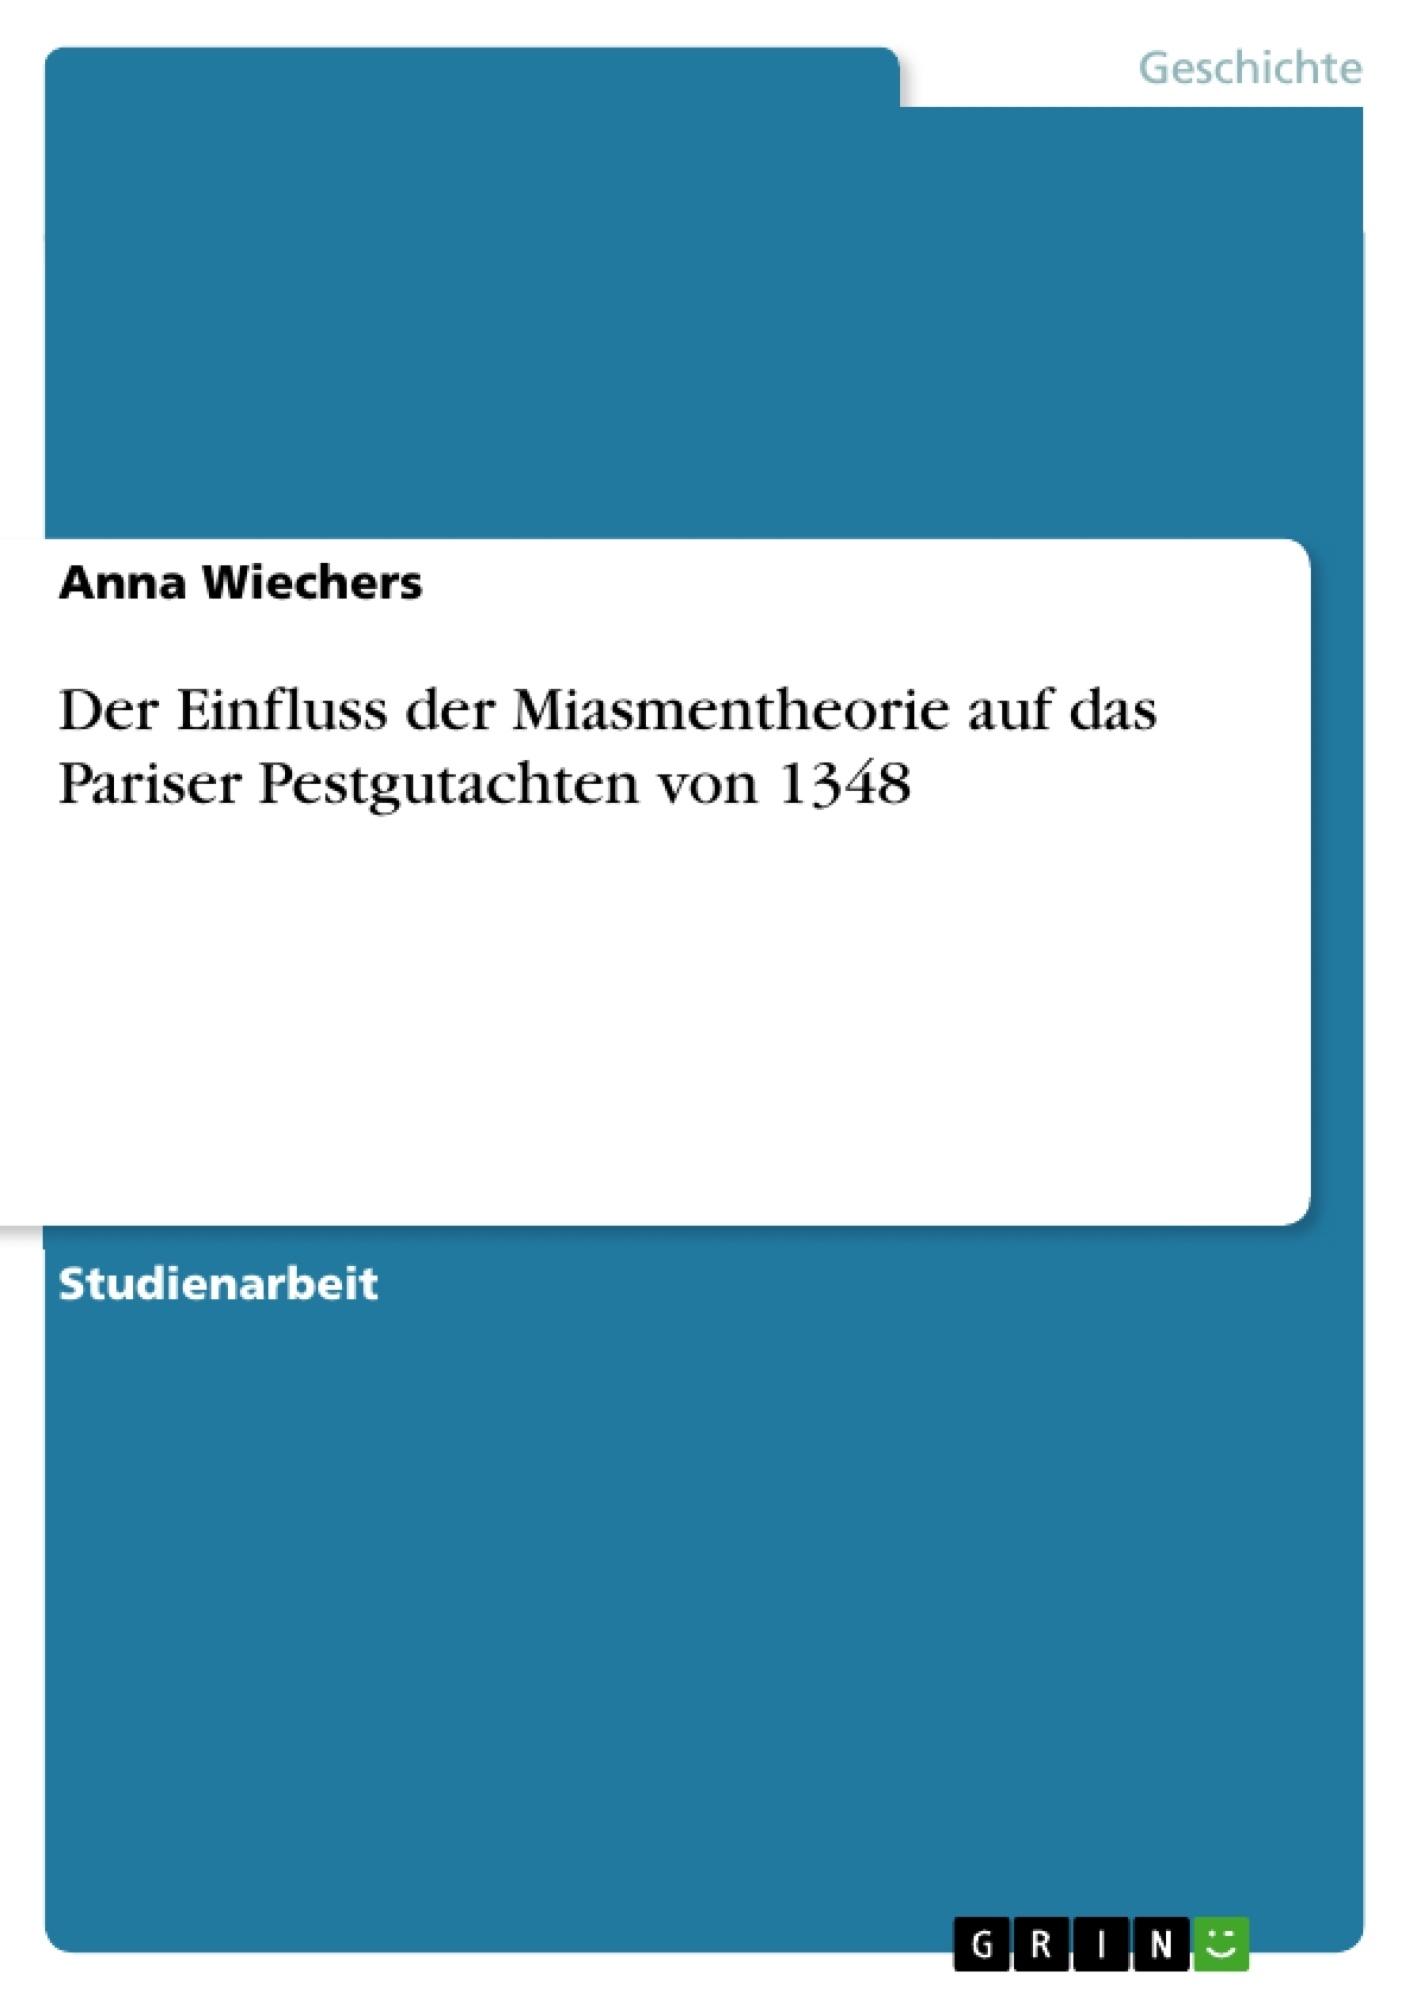 Titel: Der Einfluss der Miasmentheorie auf das Pariser Pestgutachten von 1348